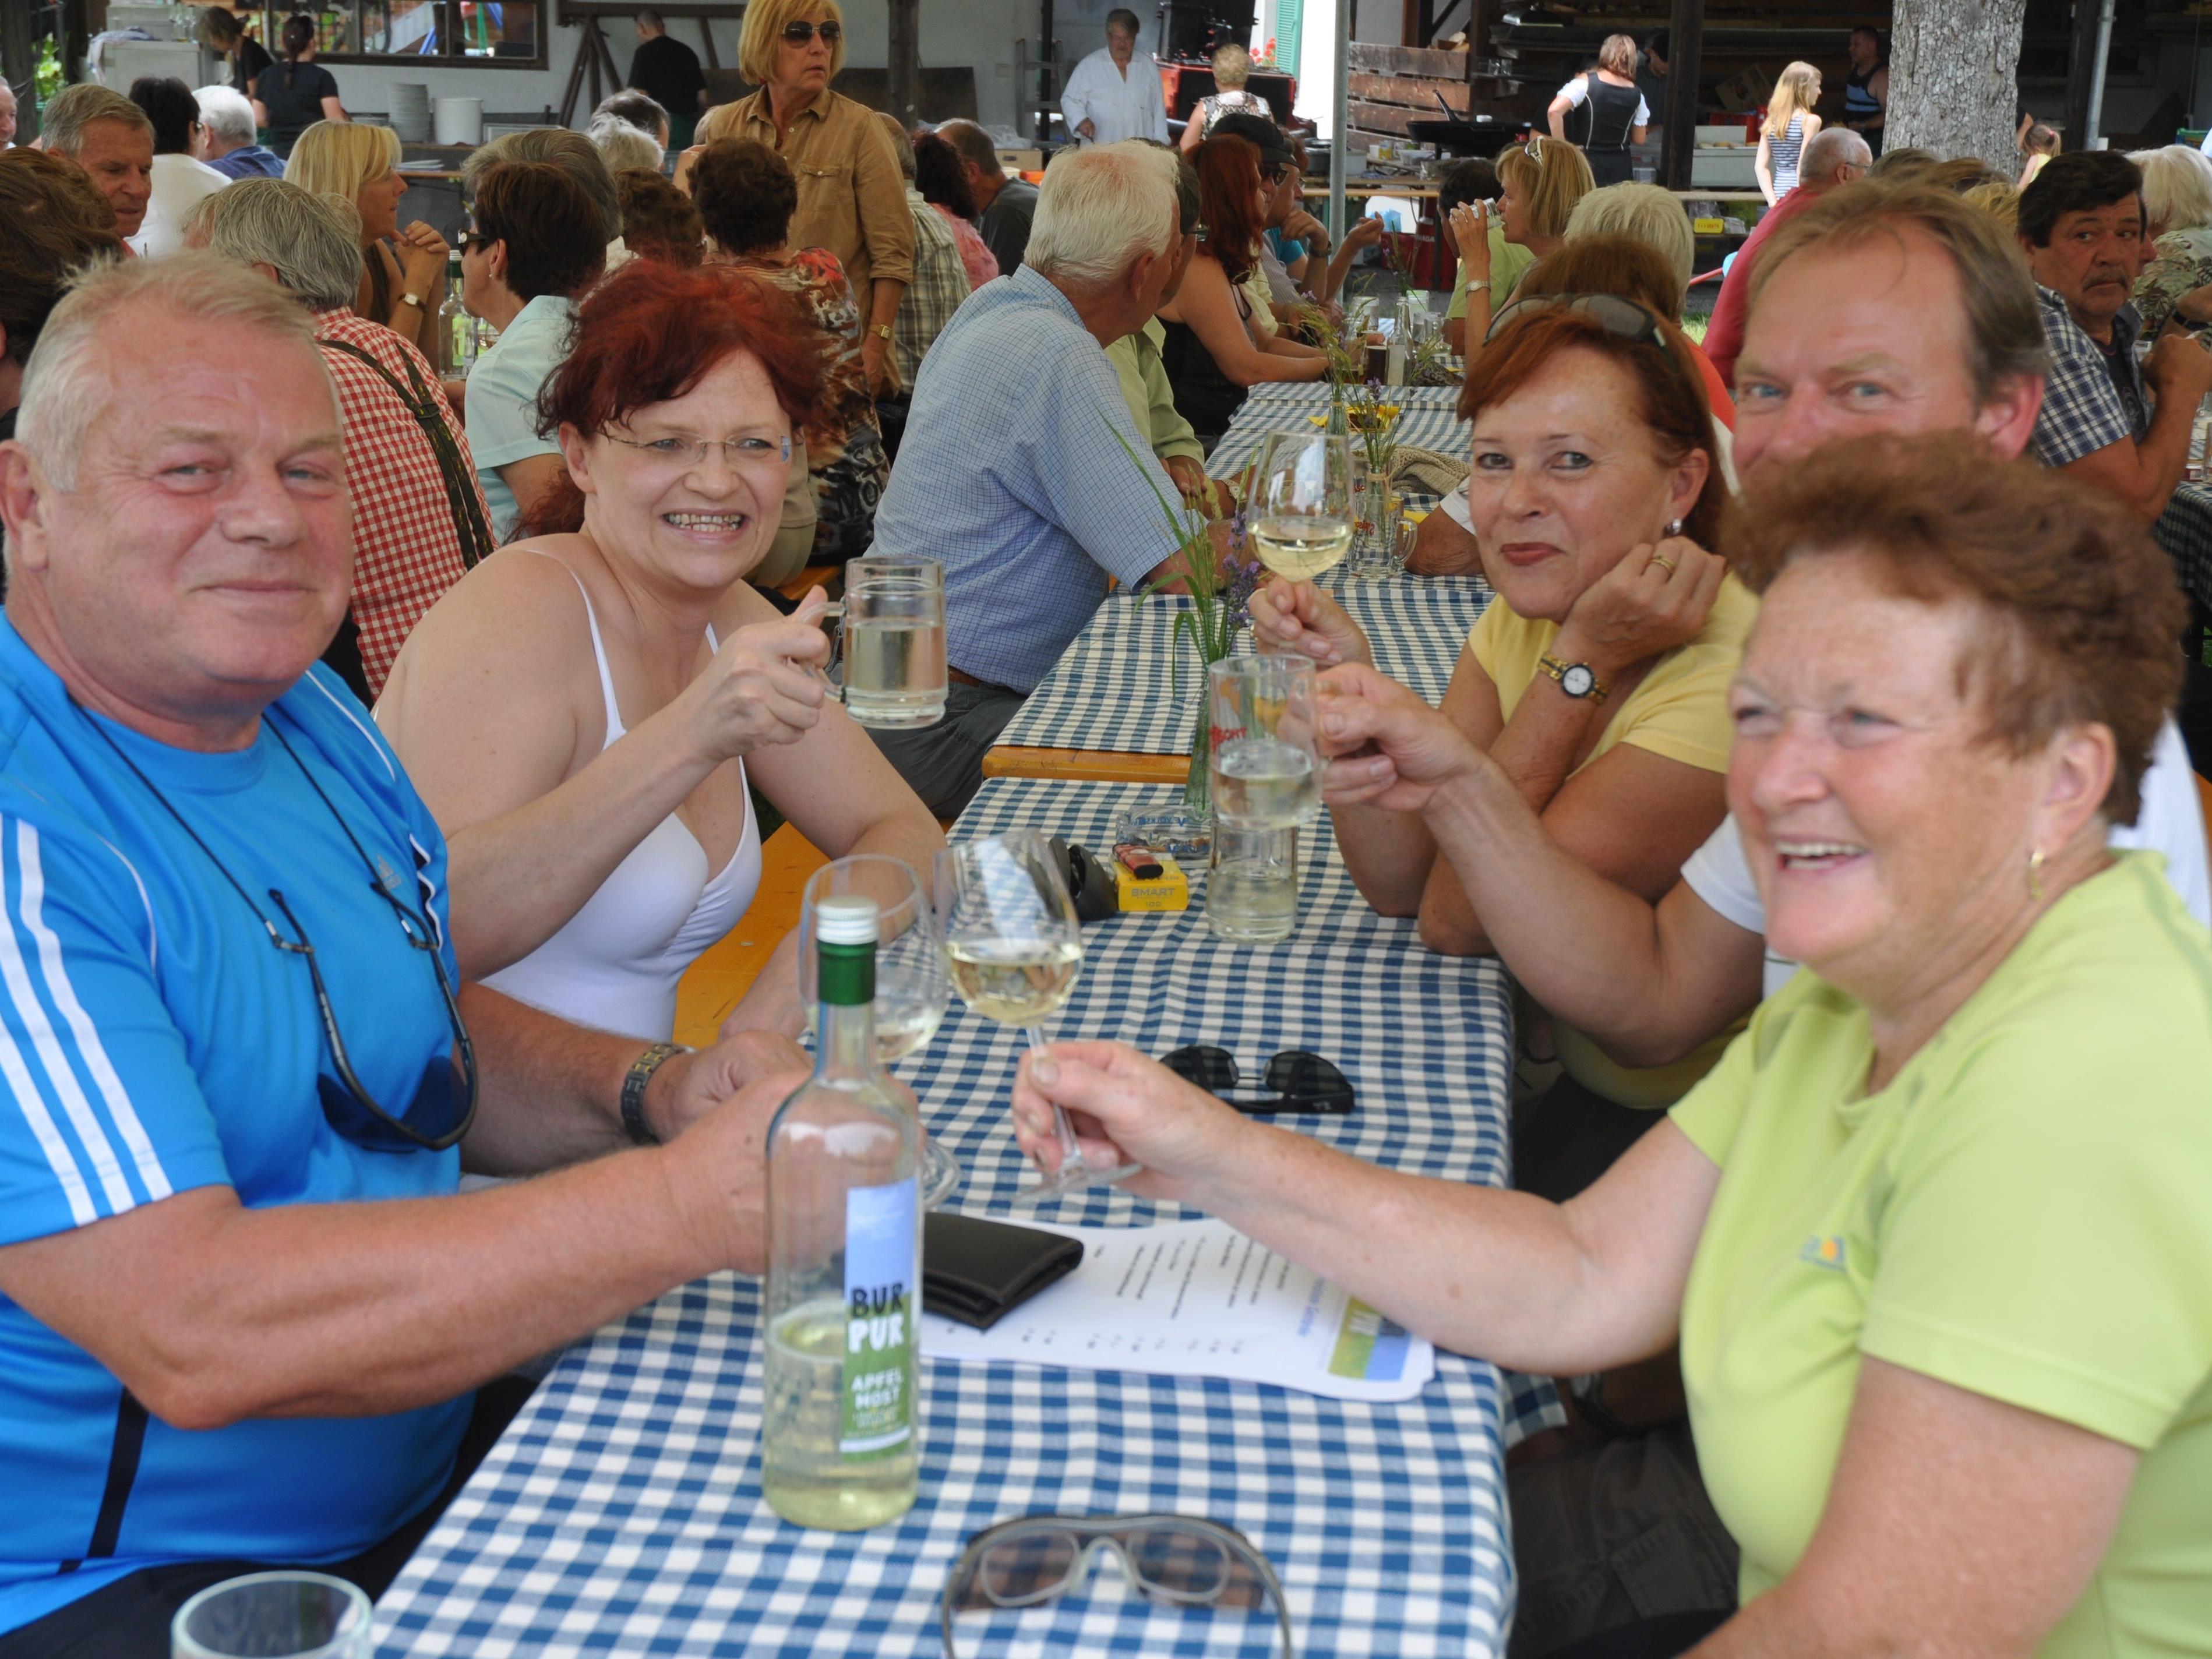 Kulinarische Köstlichkeiten und eine tolle Stimmung beim Bündtfest in Röthis.